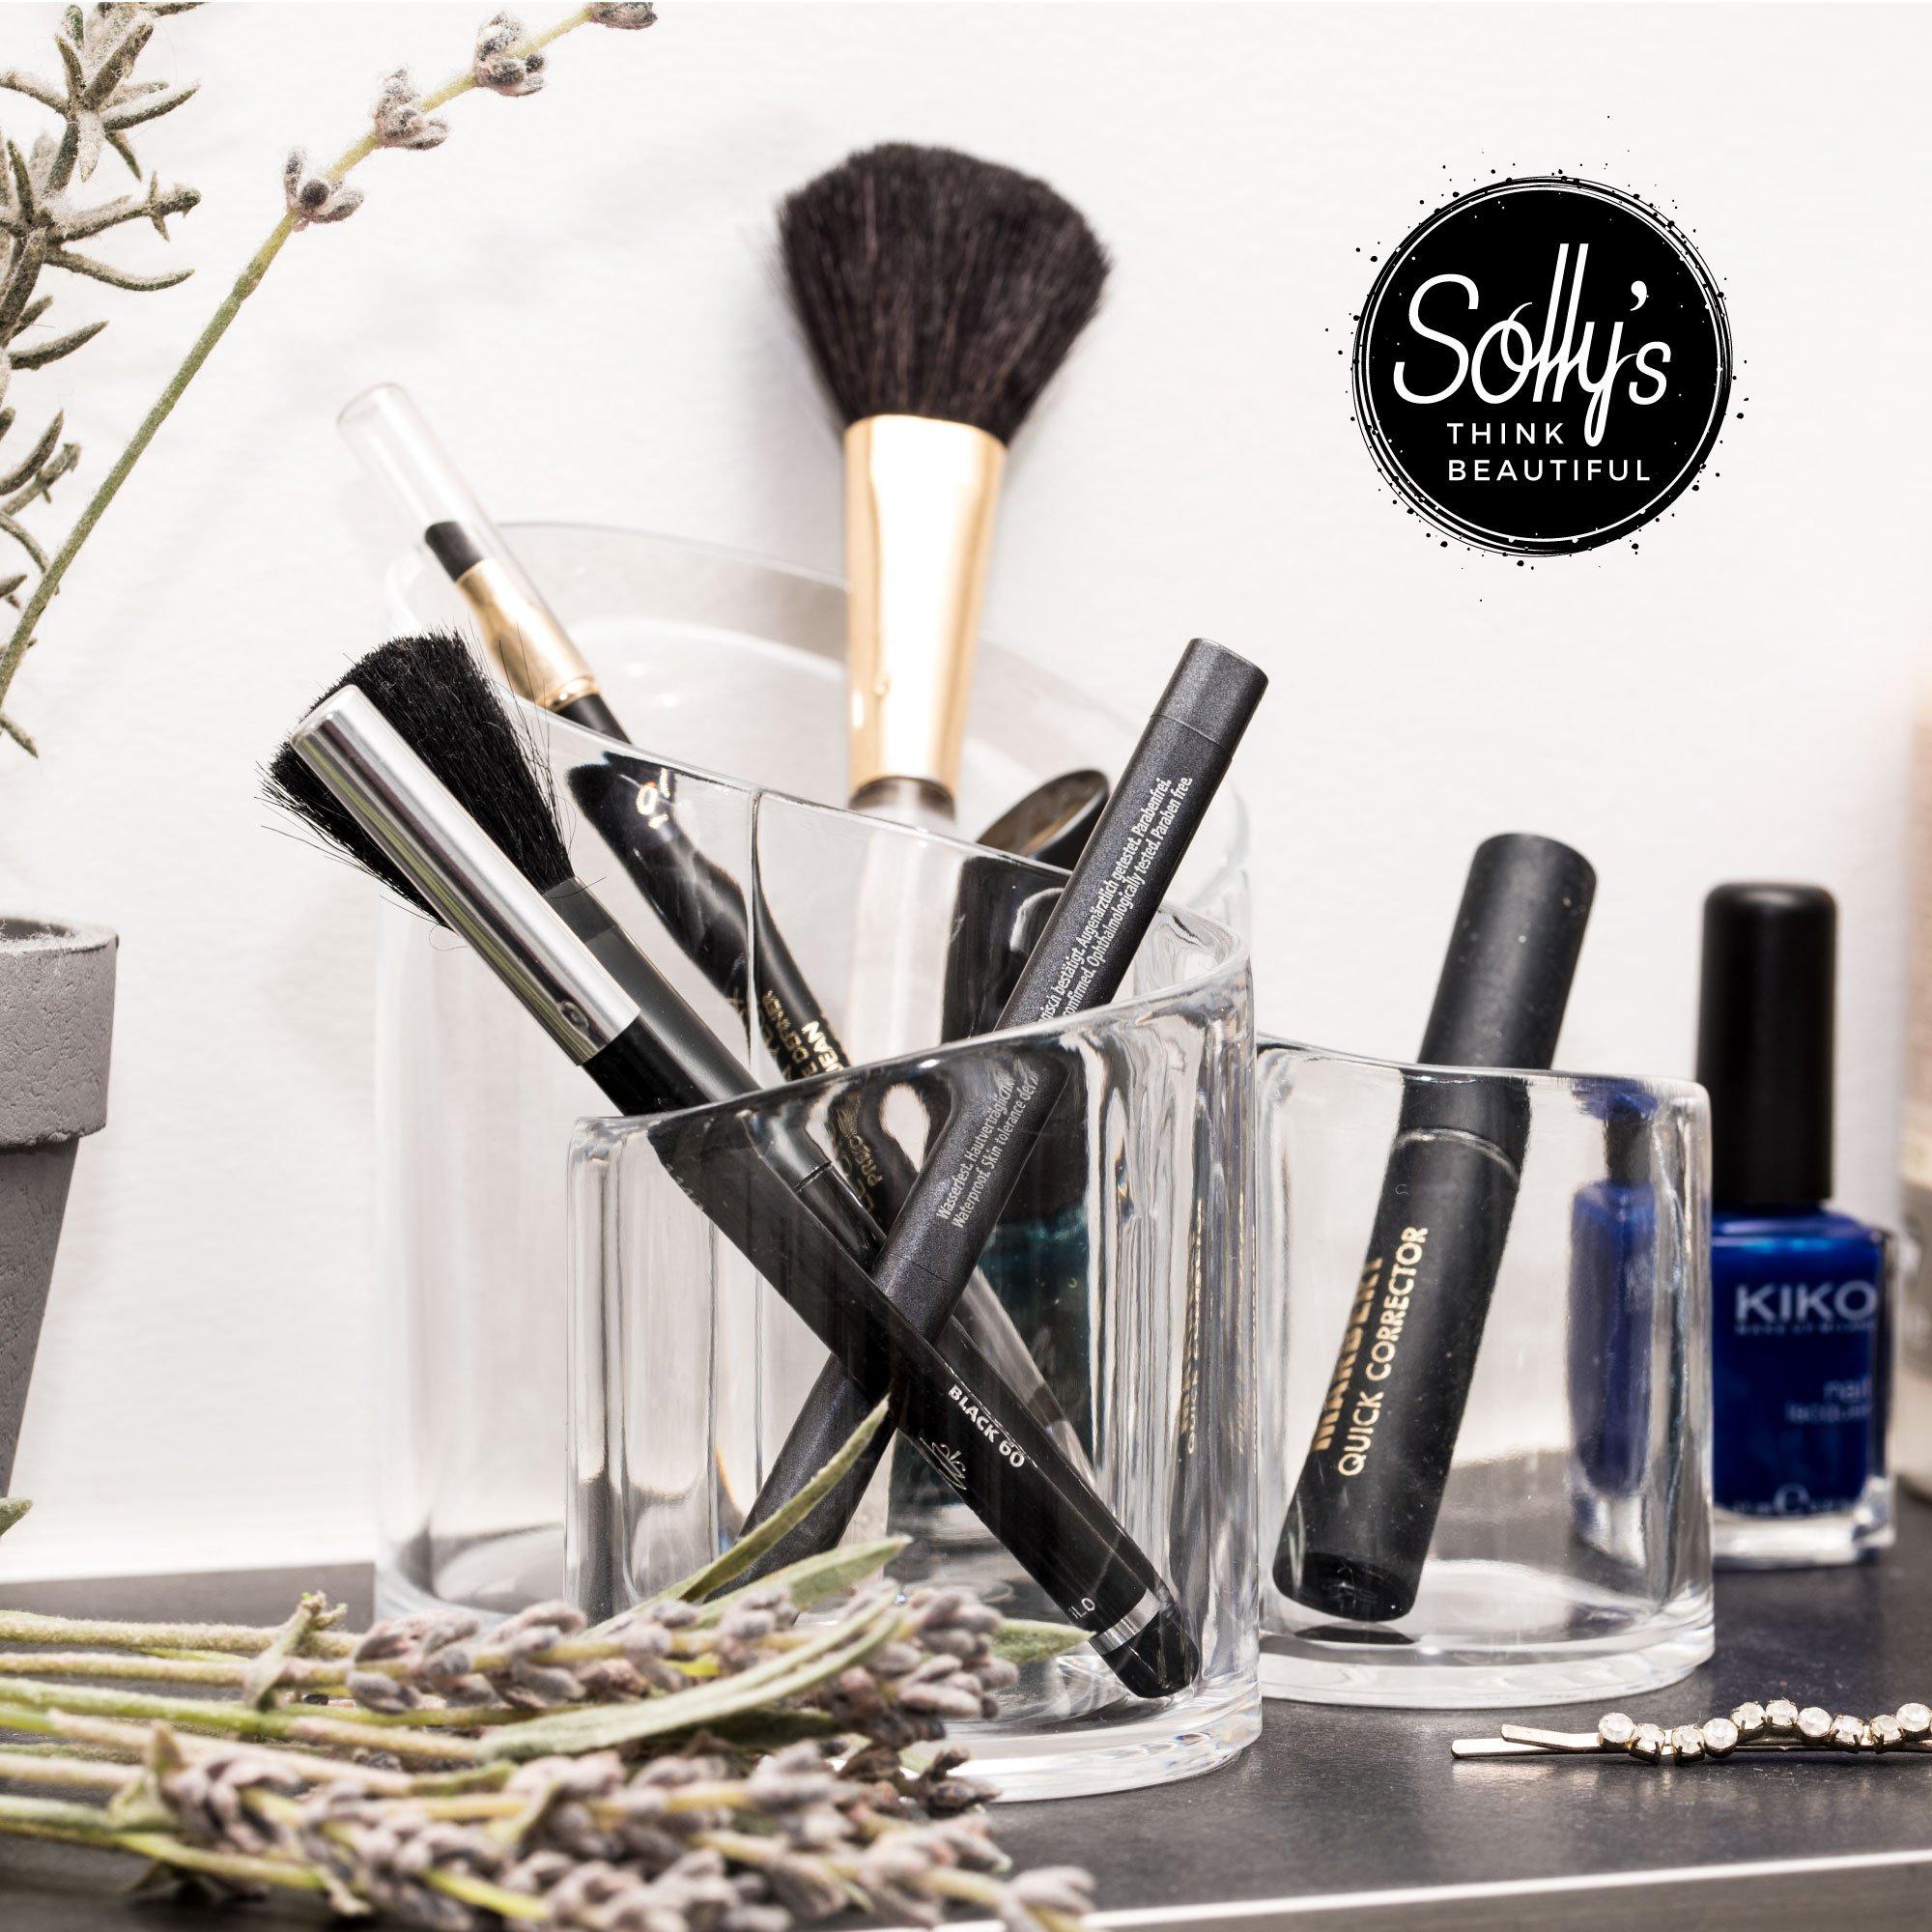 Sollys Susann - Neceser de Maquillaje Transparente - Organizador para Accesorios cosméticos - 3 Compartimentos: Amazon.es: Bricolaje y herramientas